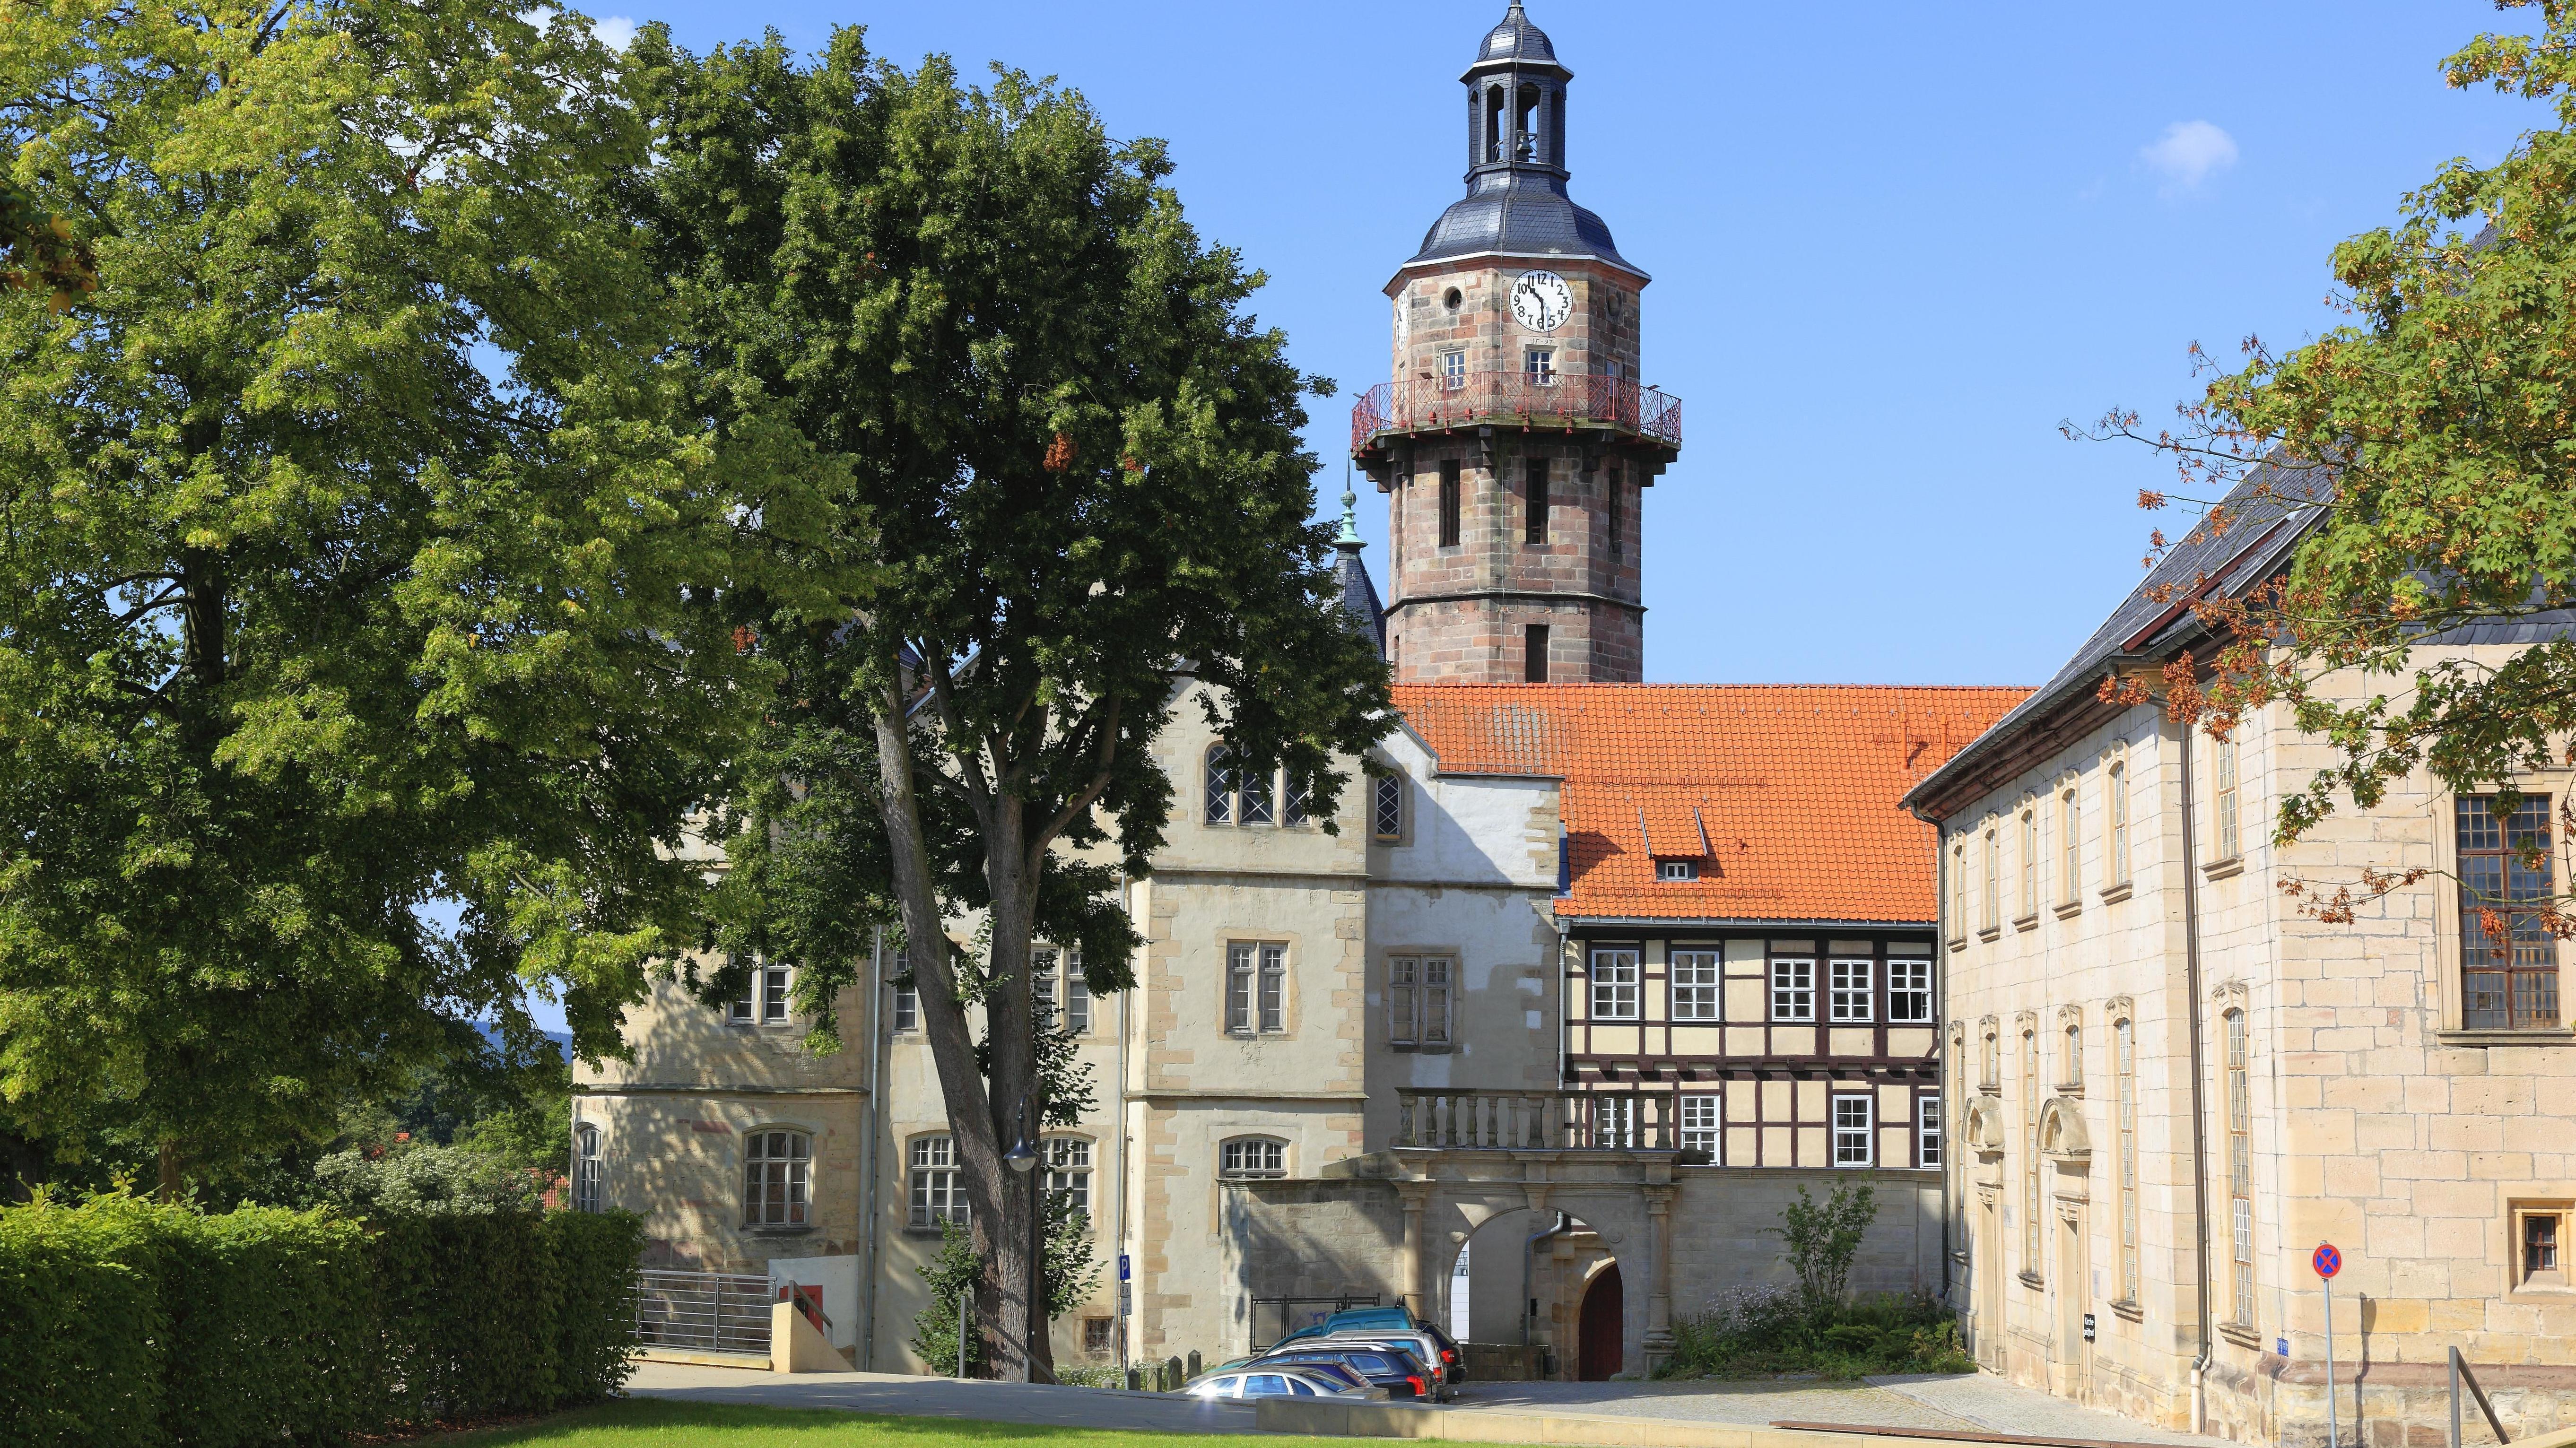 Schloss Bertholdsburg in Schleusingen, Landkreis Hildburghausen, Thüringen